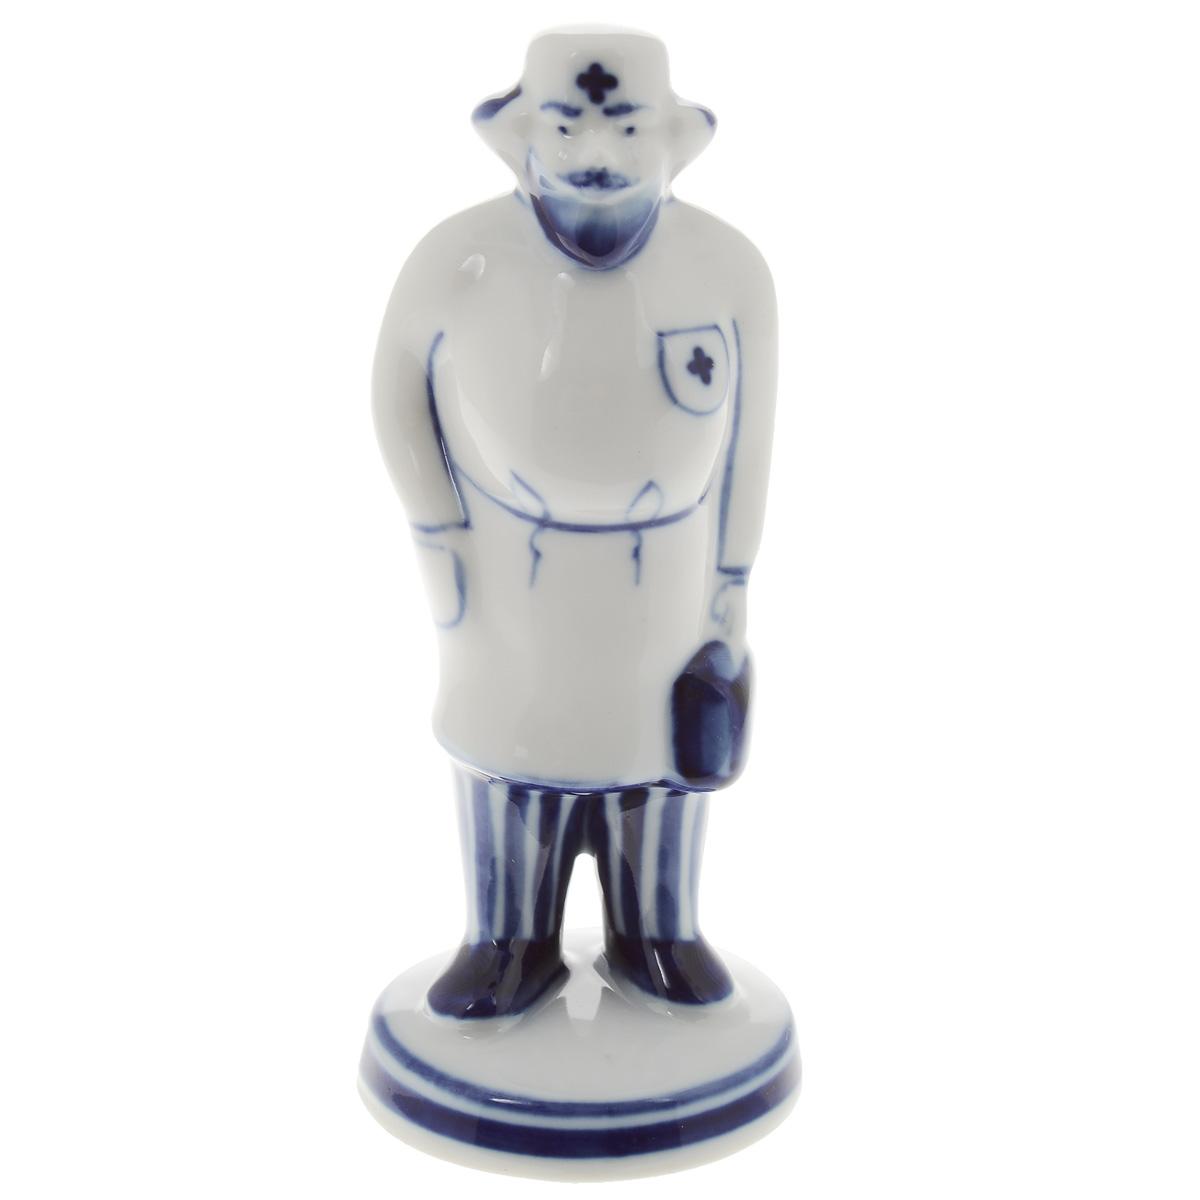 Скульптура Доктор Айболит, цвет: белый, синий, 12,5 см. 993166801993166801Скульптура Доктор Айболит, изготовленная из фарфора, доставит истинное удовольствие ценителям прекрасного. Изделие выполнено в виде доктора Айболита и расписано вручную в стиле гжель. Яркий дизайн, несомненно, придется вам по вкусу. Скульптура Доктор Айболит украсит ваш дом, а также станет замечательным подарком к любому празднику. Размеры скульптуры: 5 см х 5 см х 12,5 см.